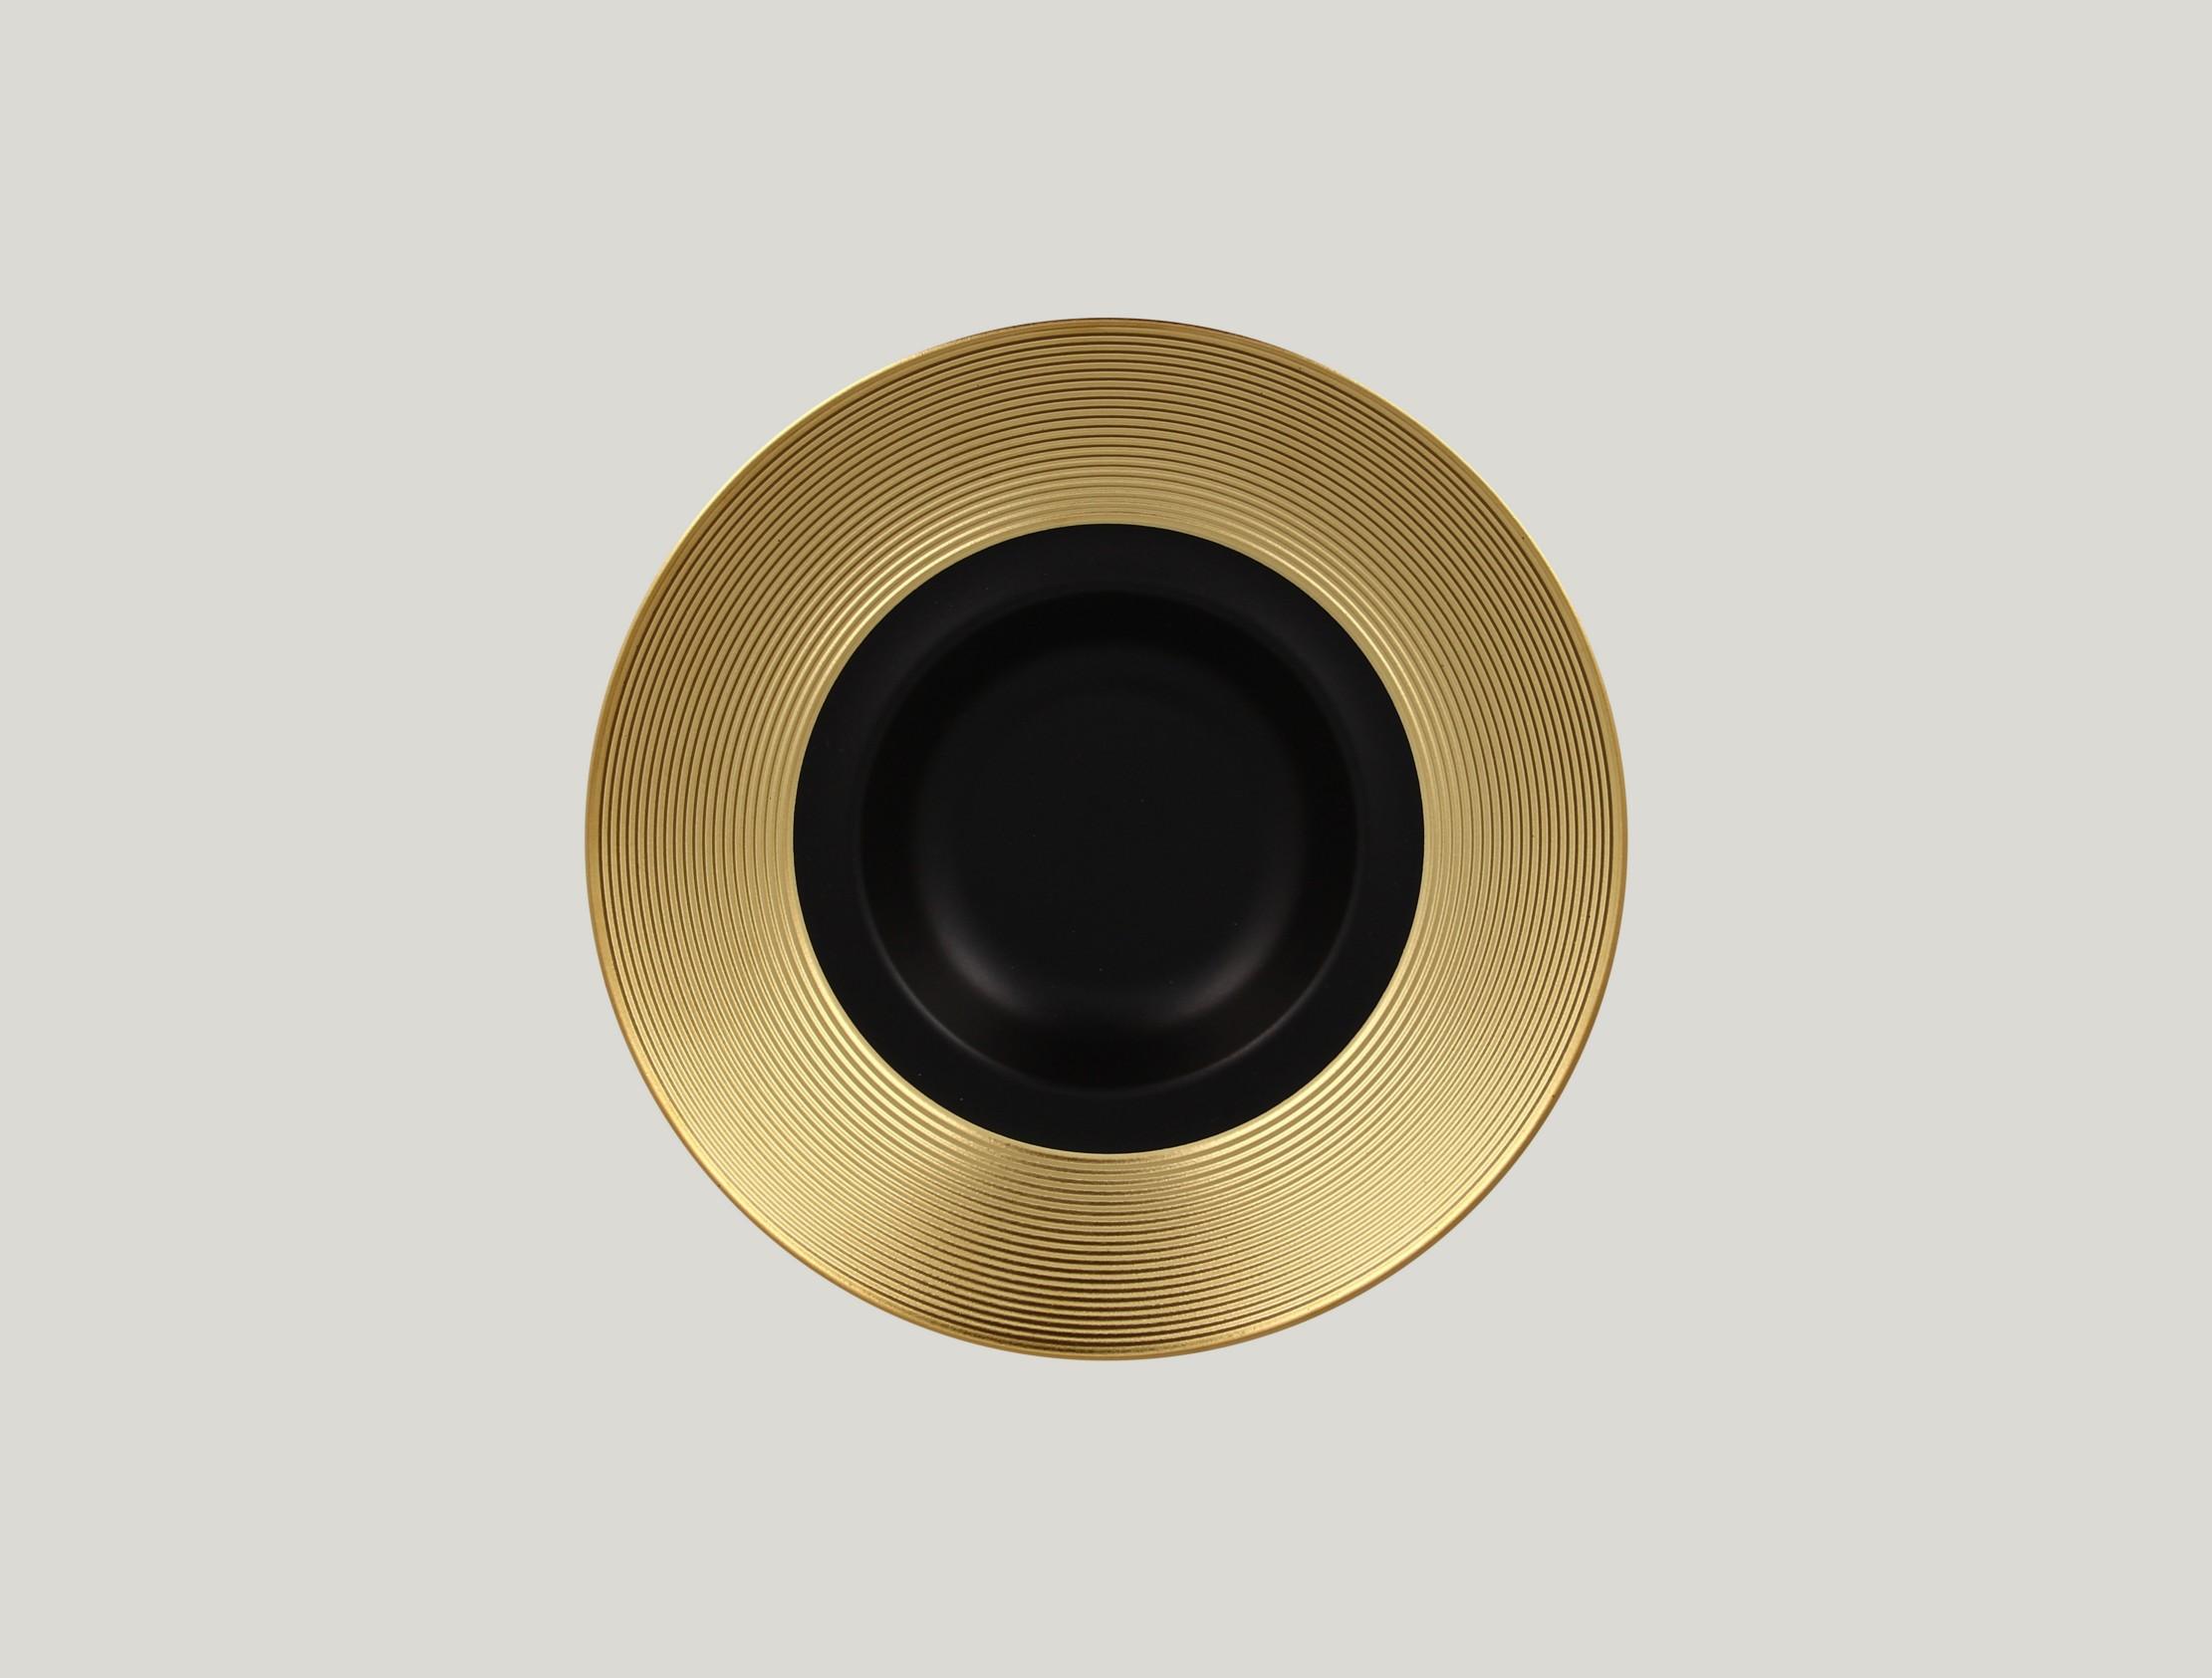 Gourmet hluboký talíř - gold ANTIC